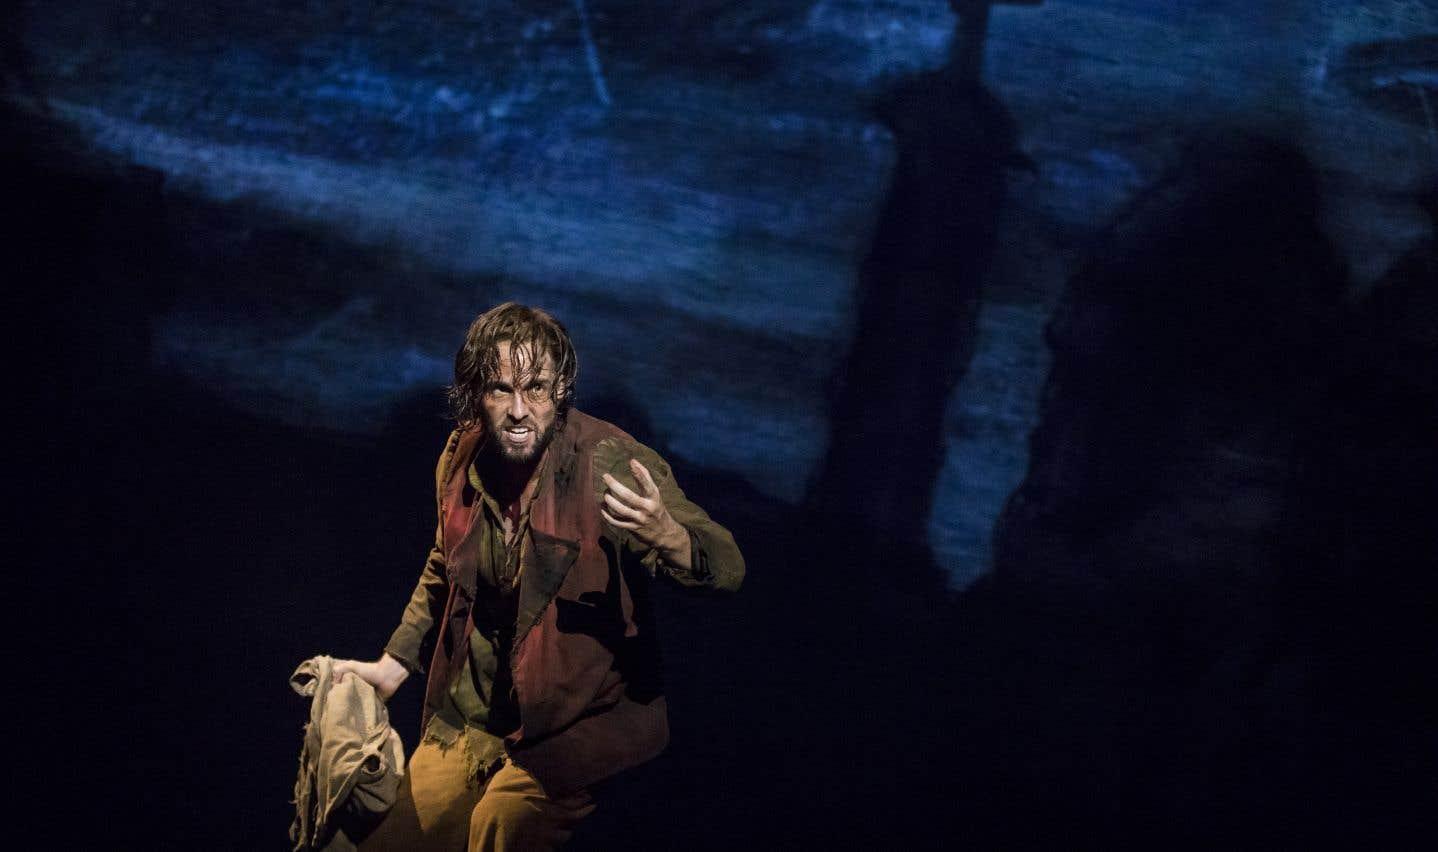 «Les Misérables»: chants populaires